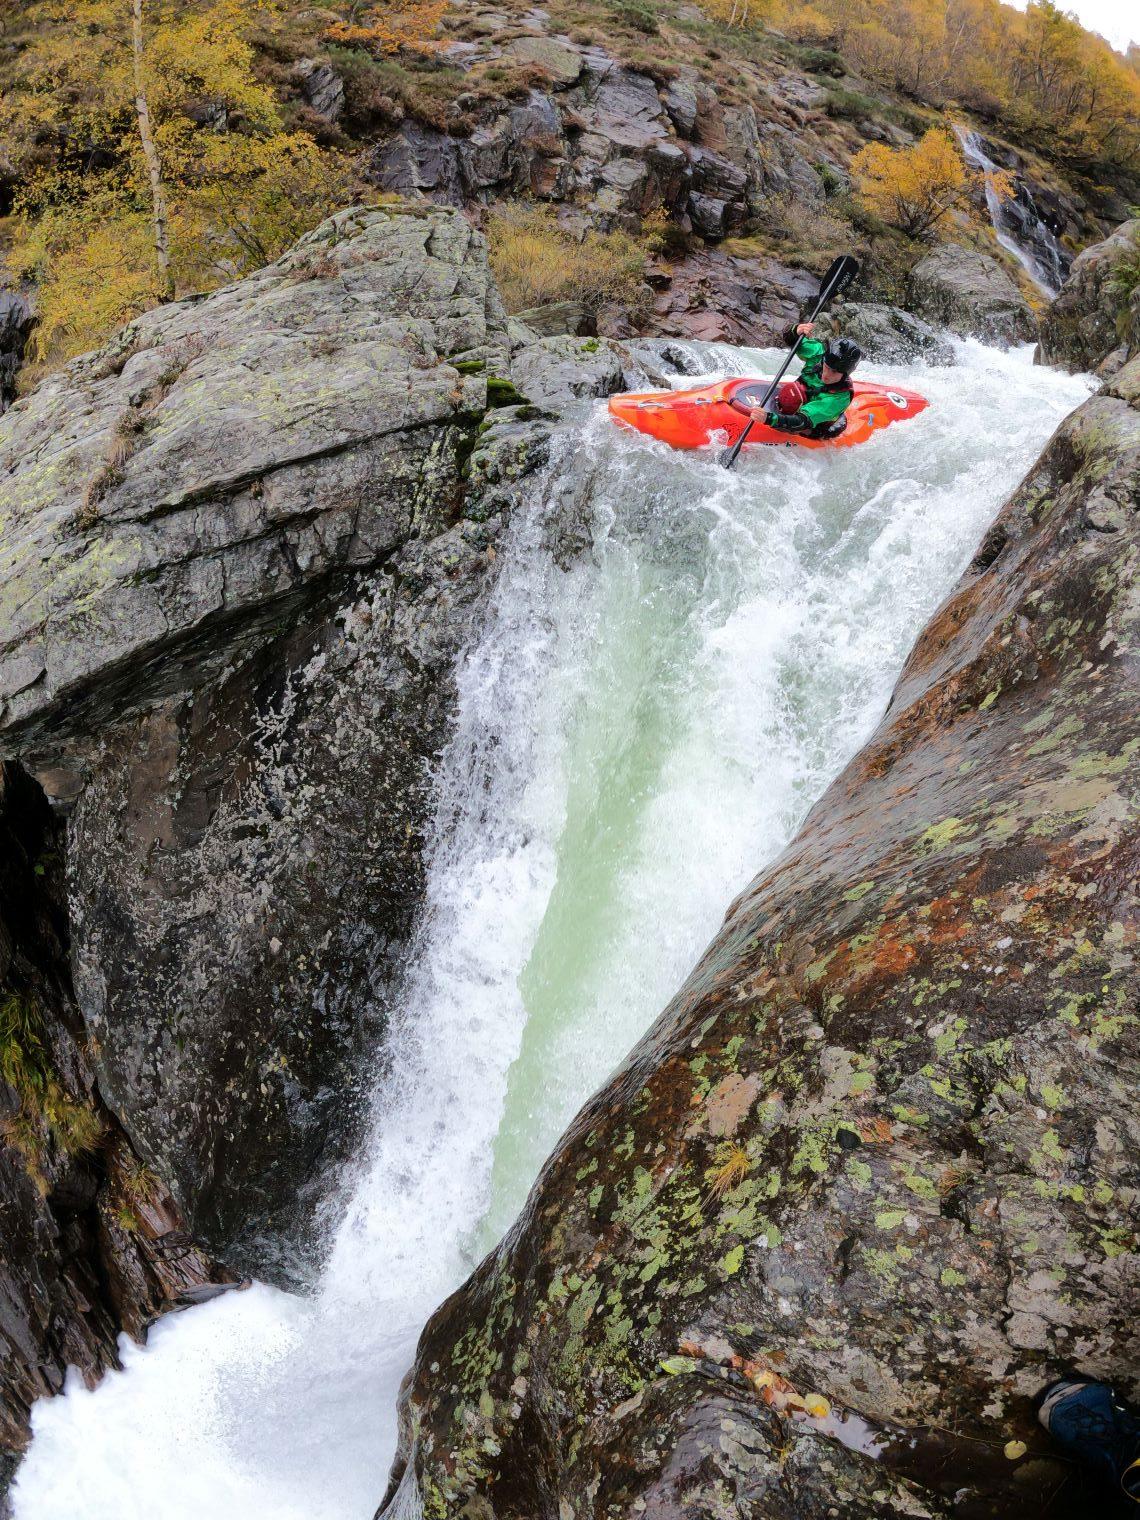 White water Kayak